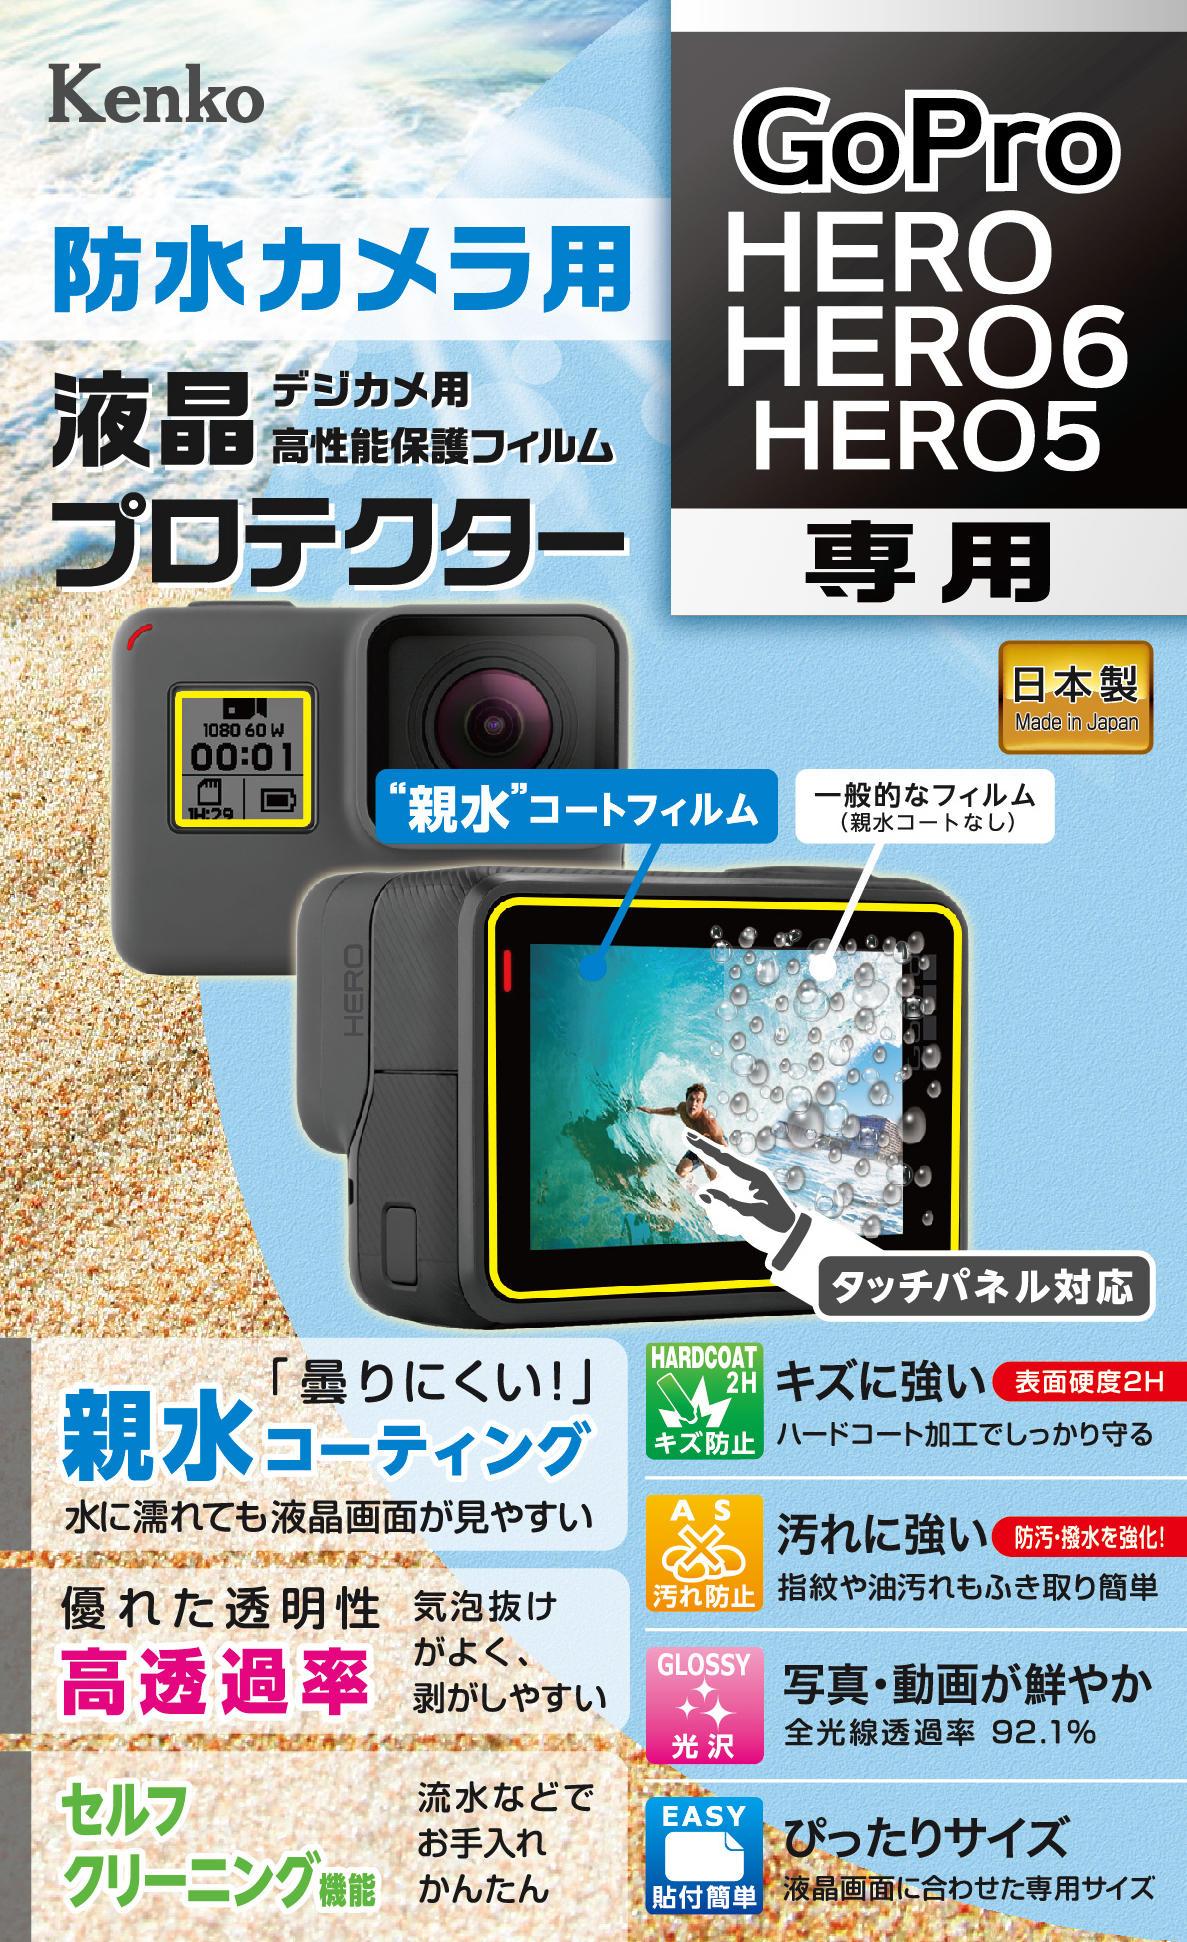 http://www.kenko-tokina.co.jp/imaging/eq/mt-images/4961607717226.jpg